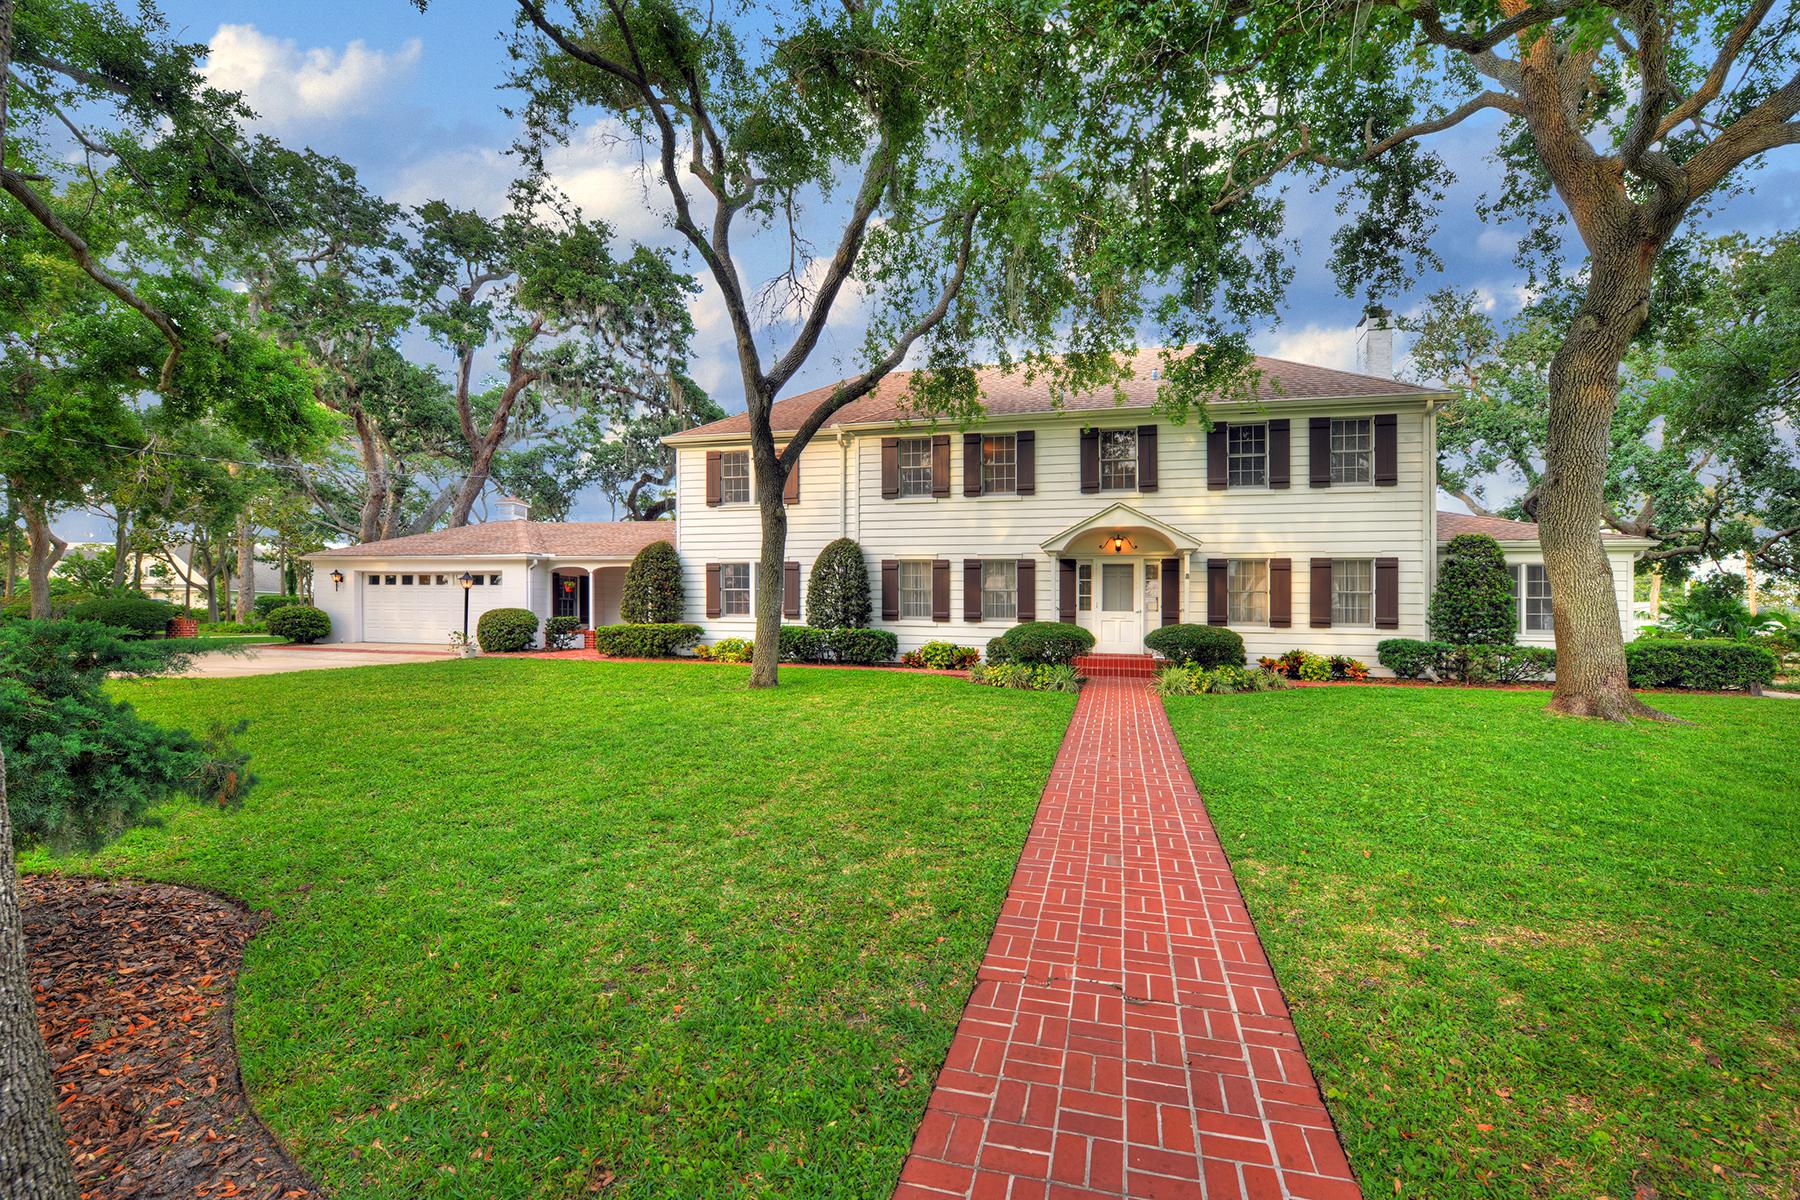 Maison unifamiliale pour l Vente à 639 John Anderson Dr, ,Ormond Beach, Florida, 321 639 & 659 John Anderson Dr Ormond Beach, Florida 32176 États-Unis